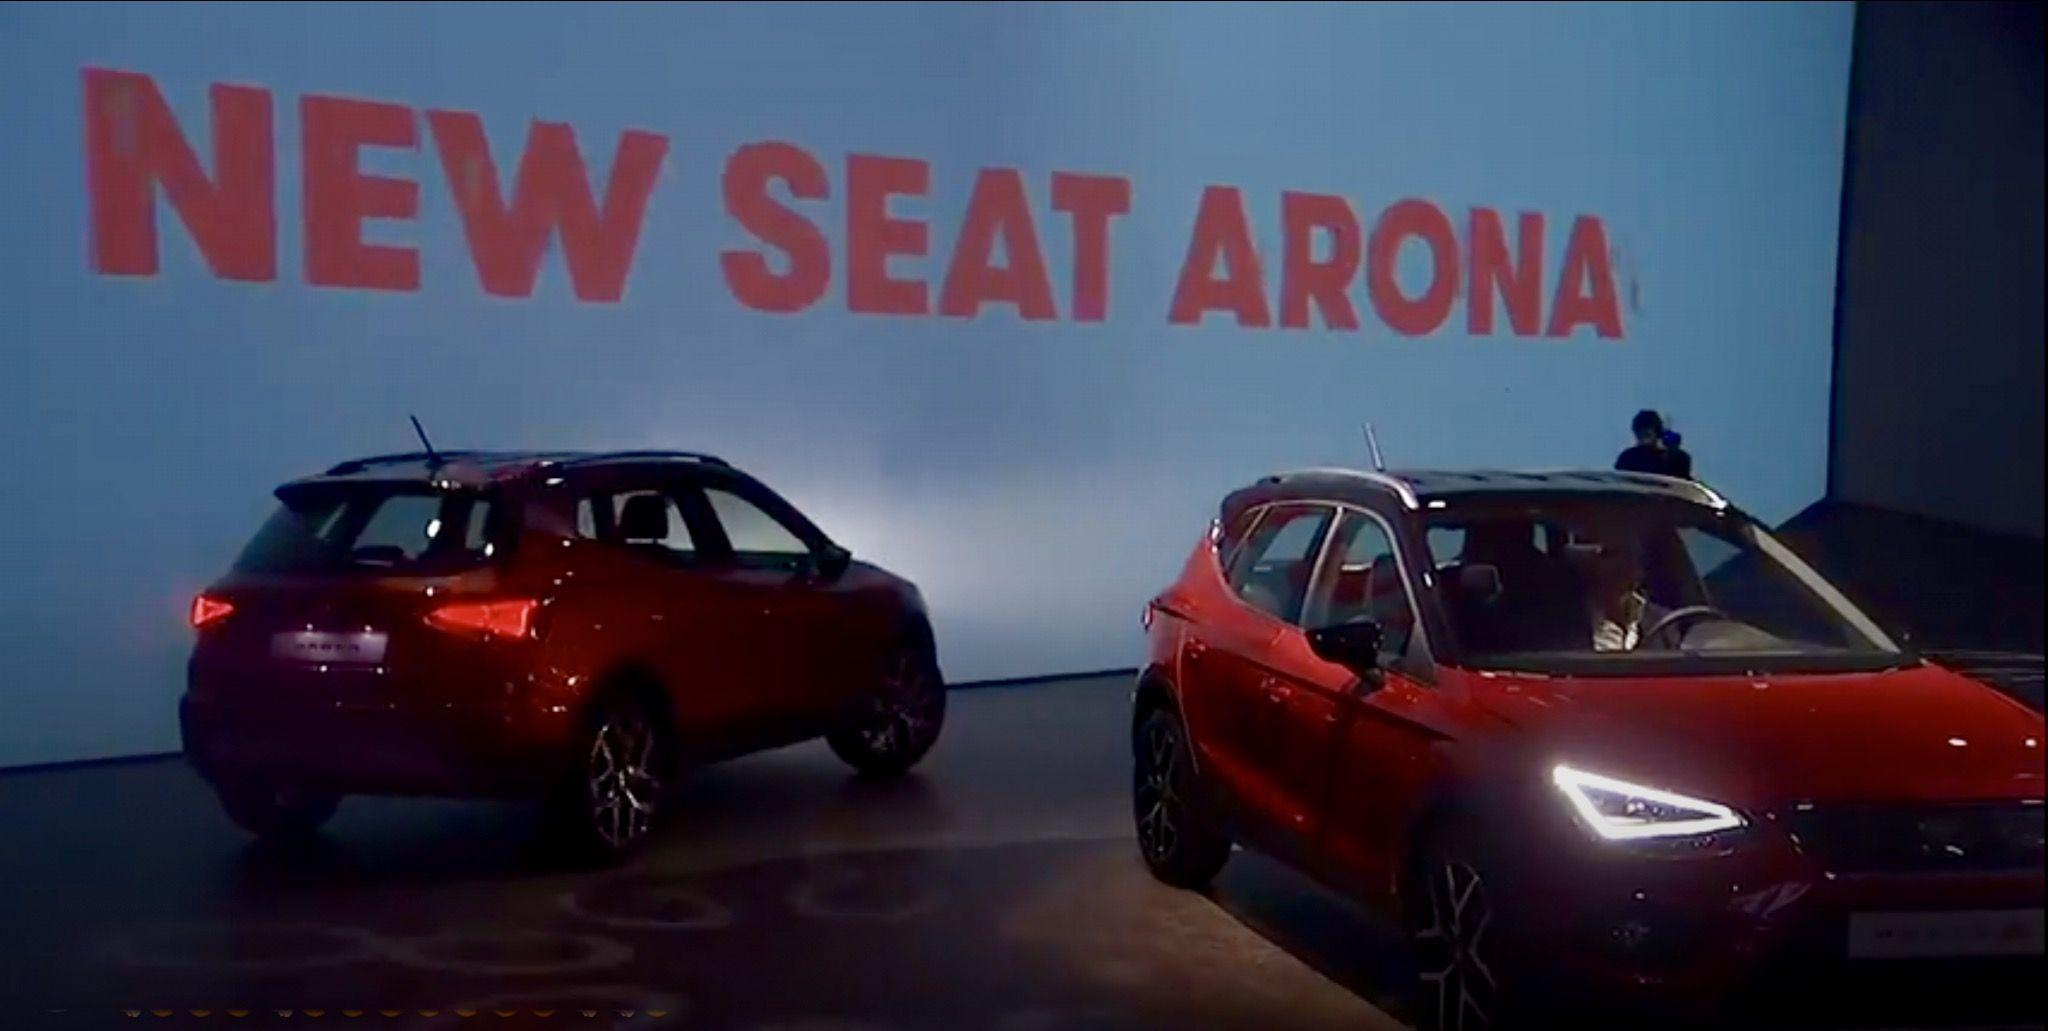 El nuevo Seat Arona